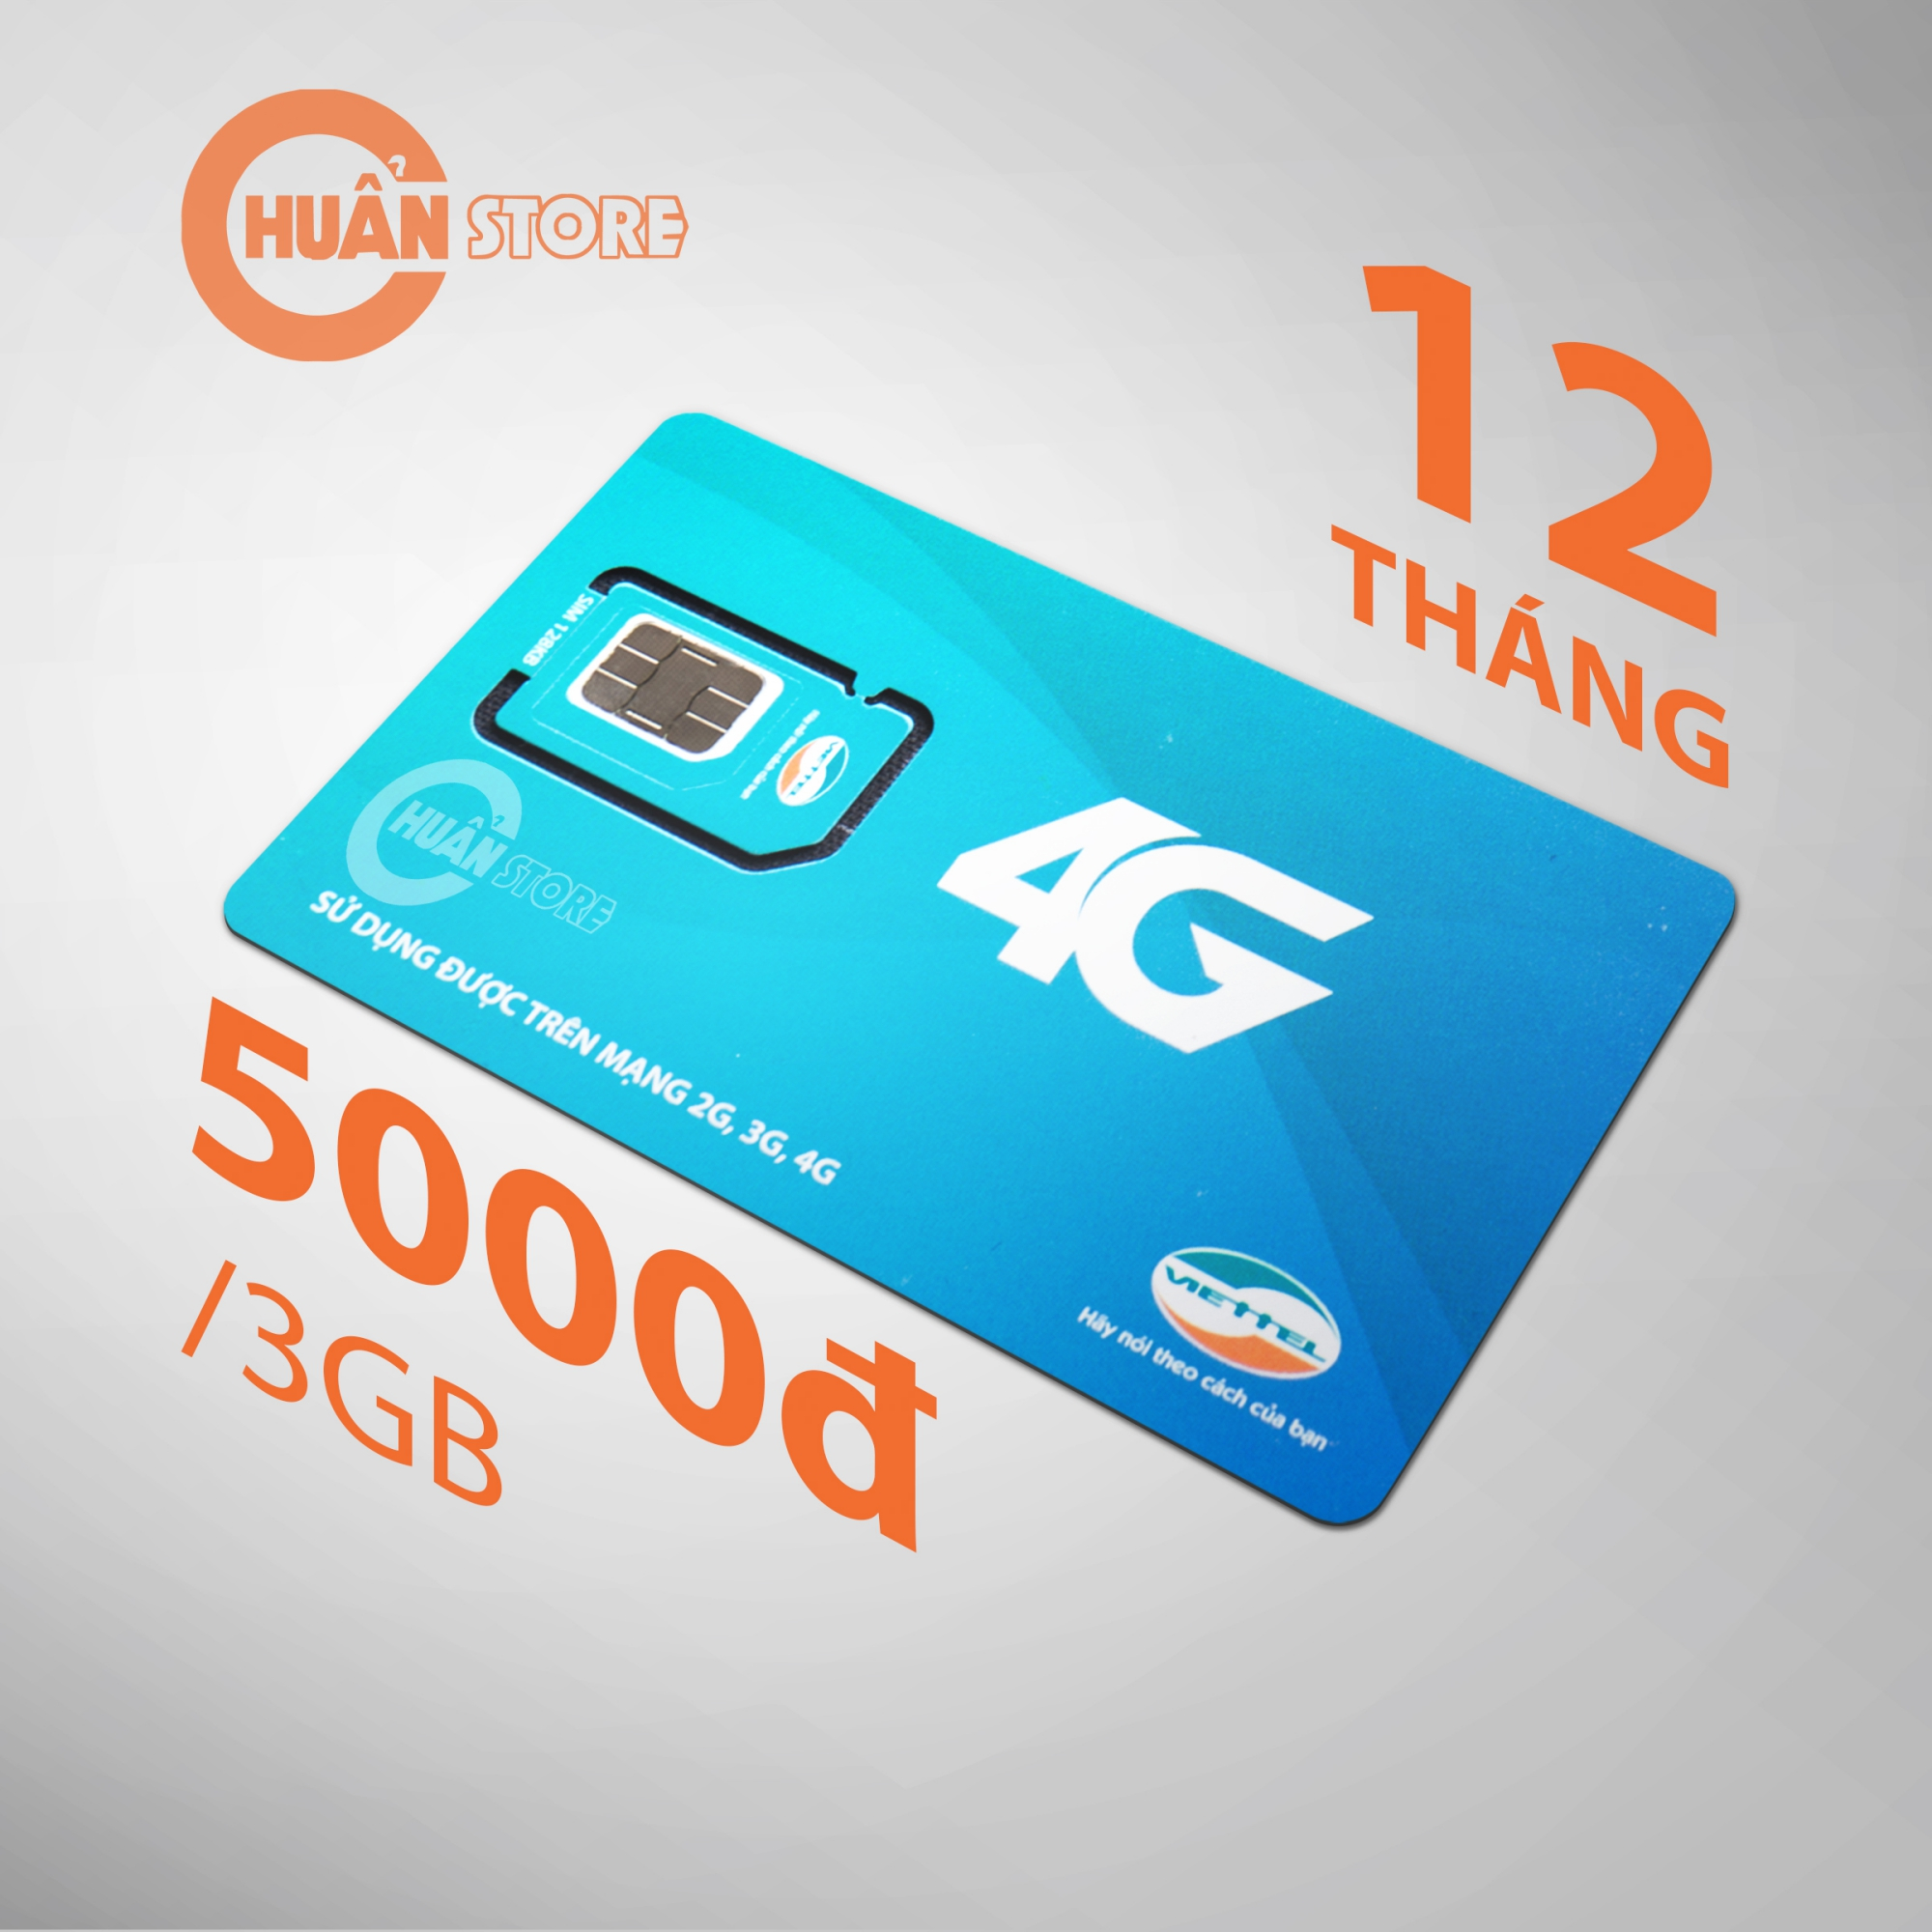 sim 4g viettel mt5c 3gb - SIM 4G Viettel MT5C Tặng 90GB/tháng chỉ với 5000đ mỗi ngày